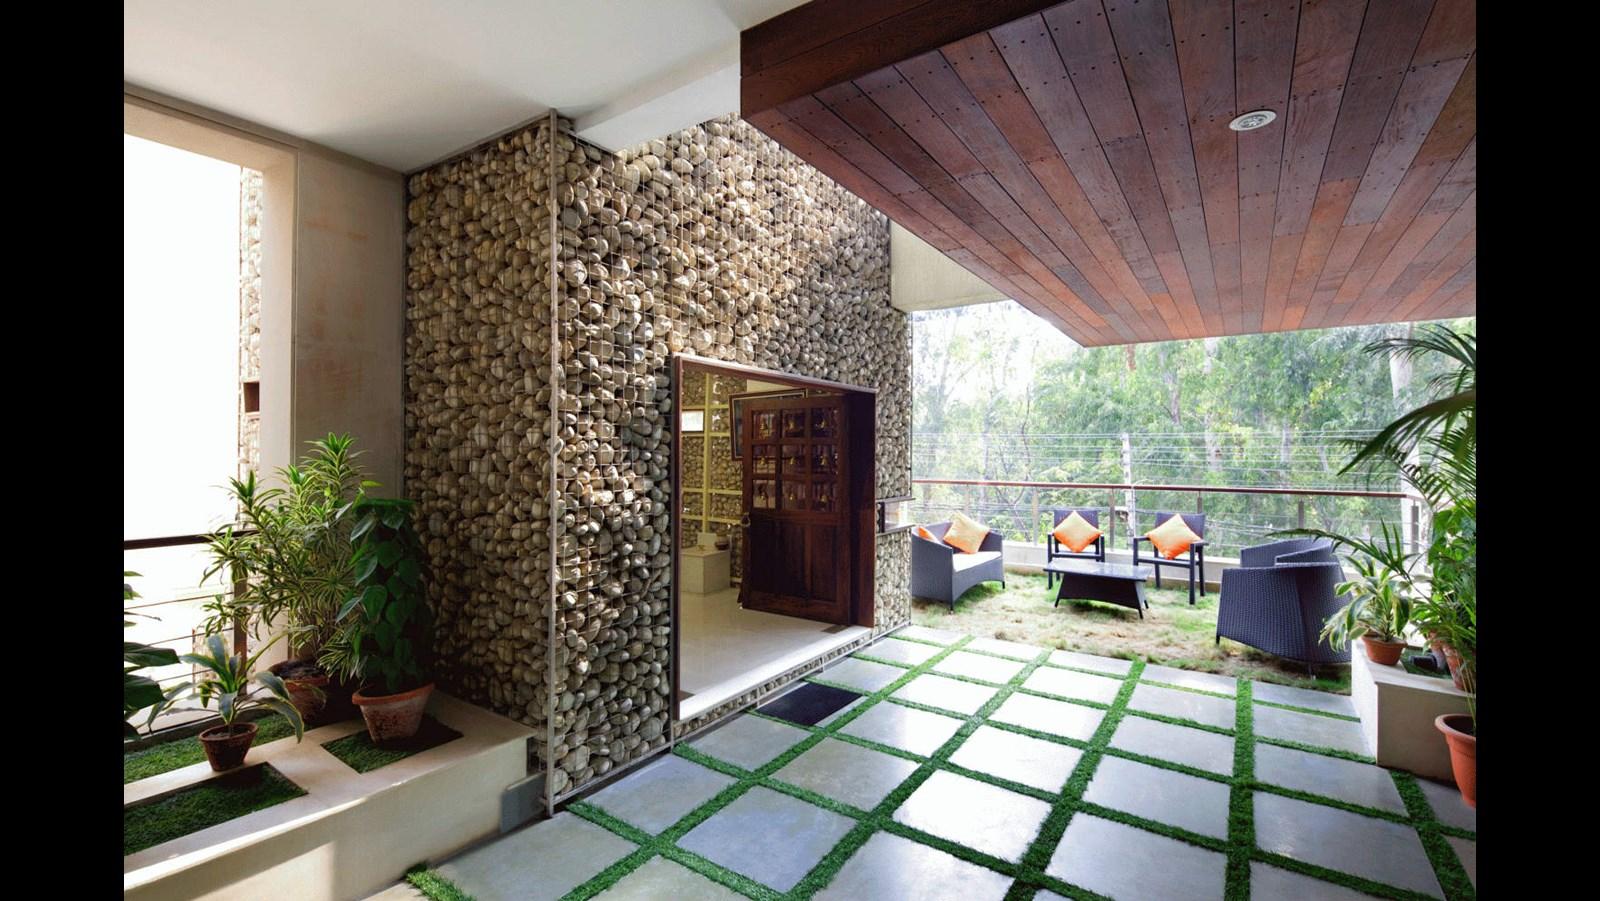 Mẫu nhà biệt thự phố hiện đại ấn tượng với nét đẹp kiến trúc hình khối - 3